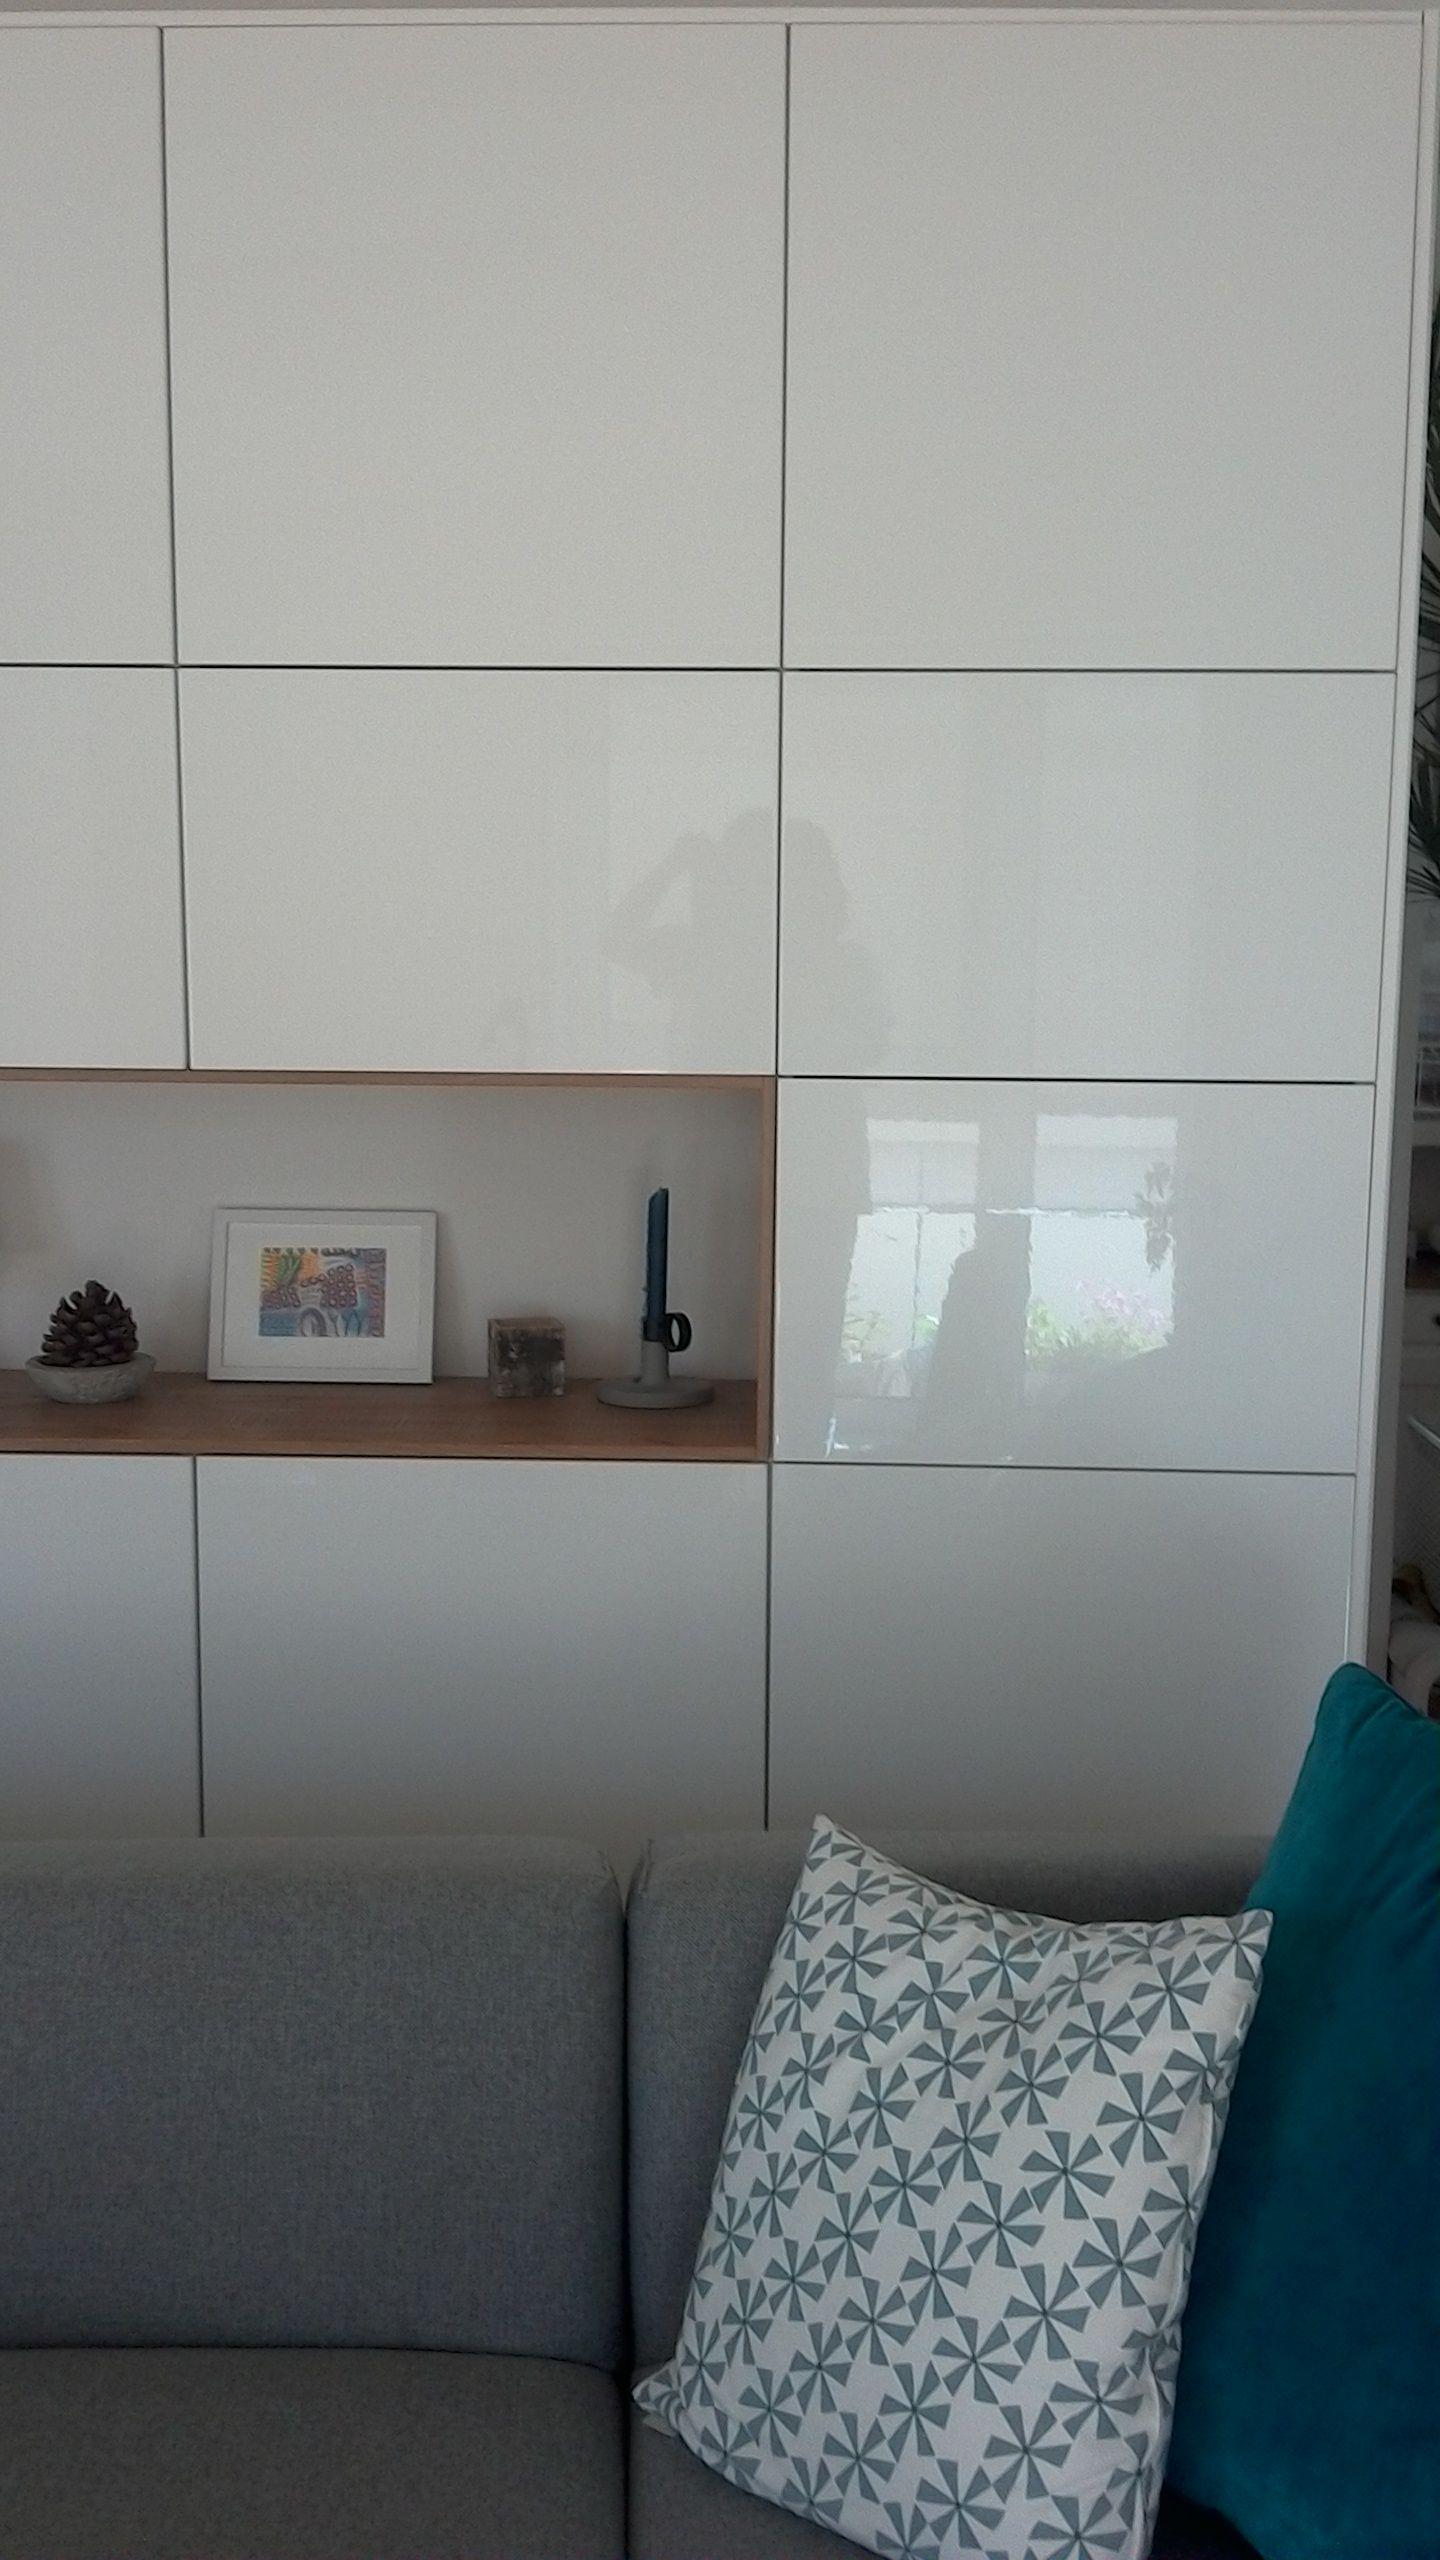 Full Size of Küche Ikea Kosten Sofa Mit Schlaffunktion Betten 160x200 Modulküche Miniküche Kaufen Bei Wohnzimmer Wohnzimmerschränke Ikea